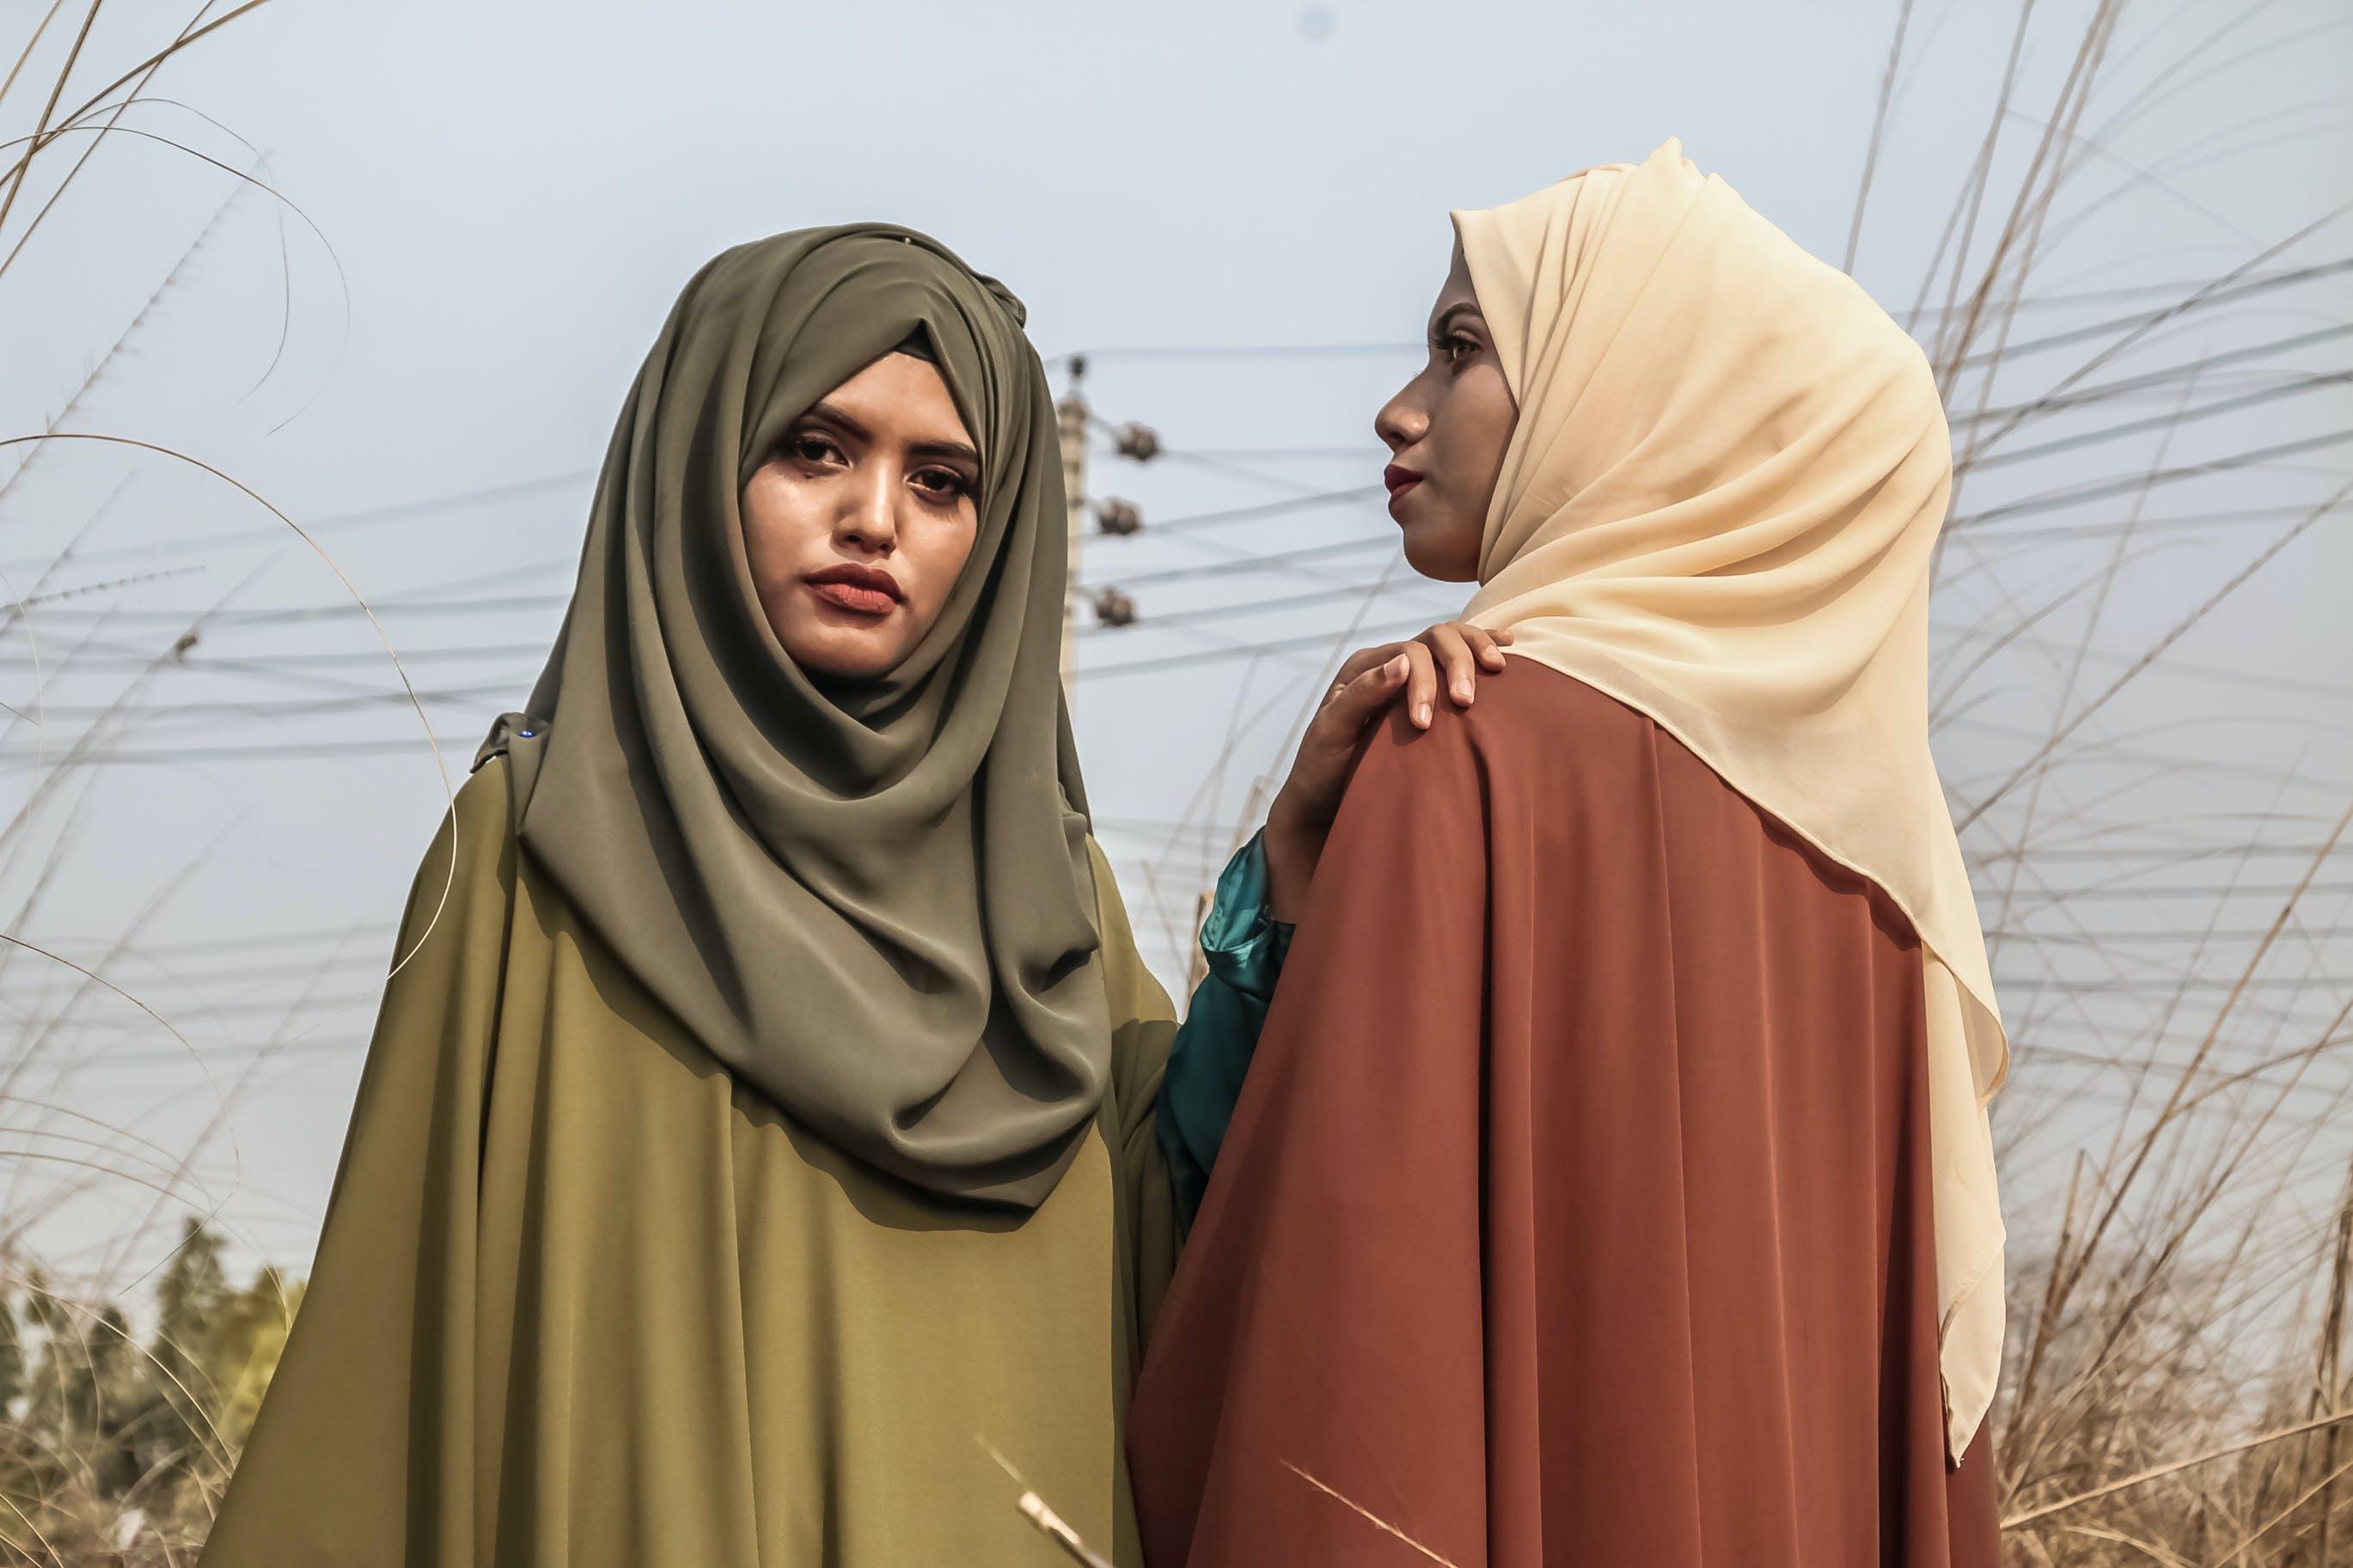 Gratis lagerfoto af ansigtsudtryk, folk, hijab, hovedtørklæde